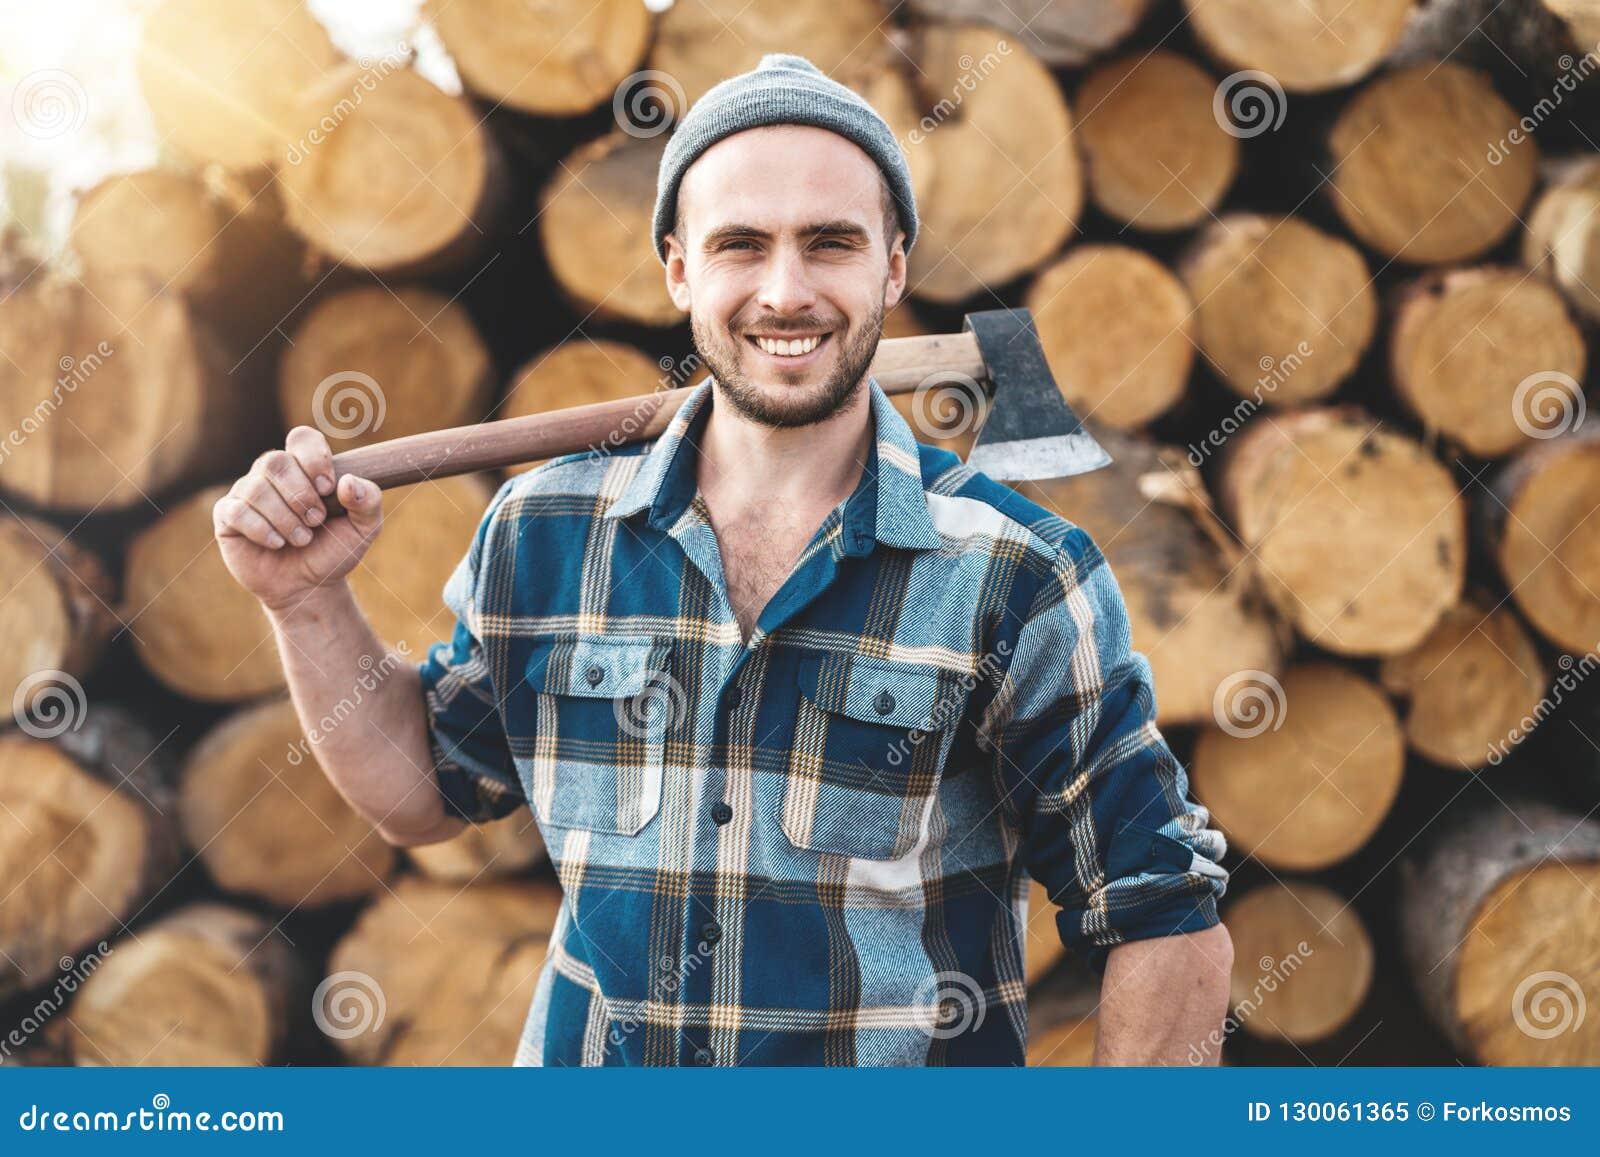 De sterke gebaarde houthakker die plaidoverhemd dragen houdt bijl op zijn schouder